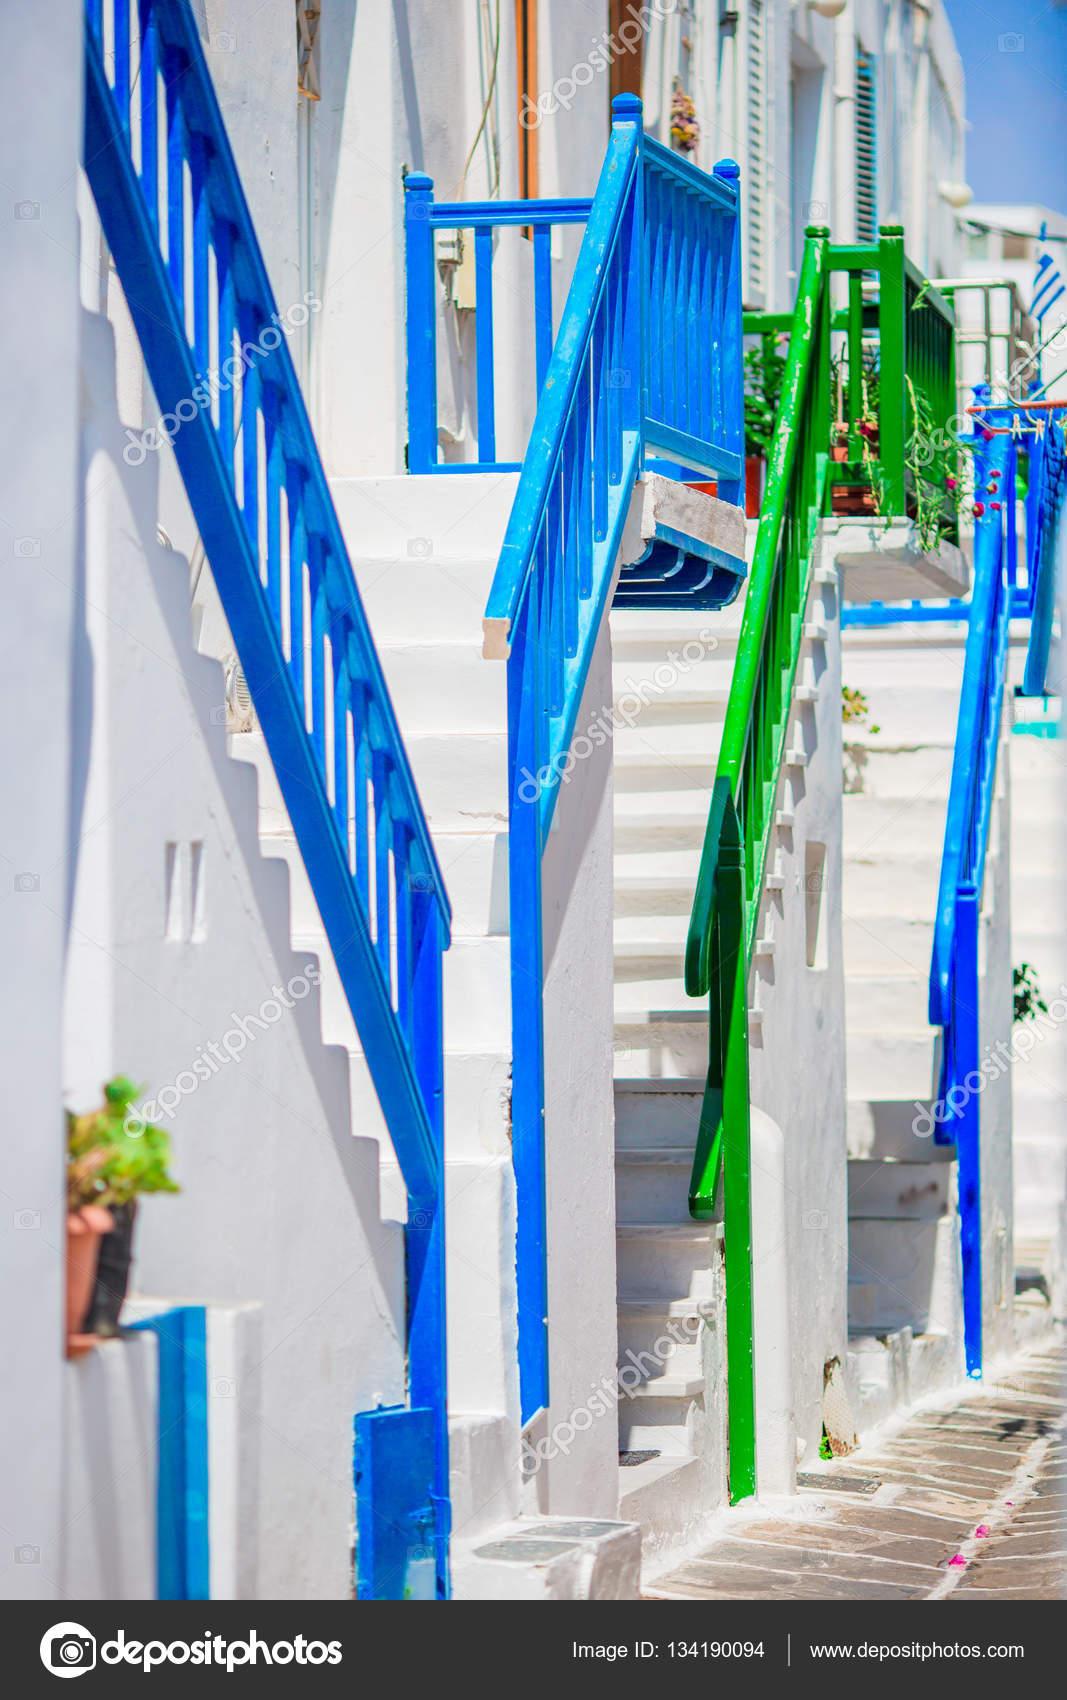 Erstaunlich bunten Treppe an schönen engen Gassen der griechischen ...